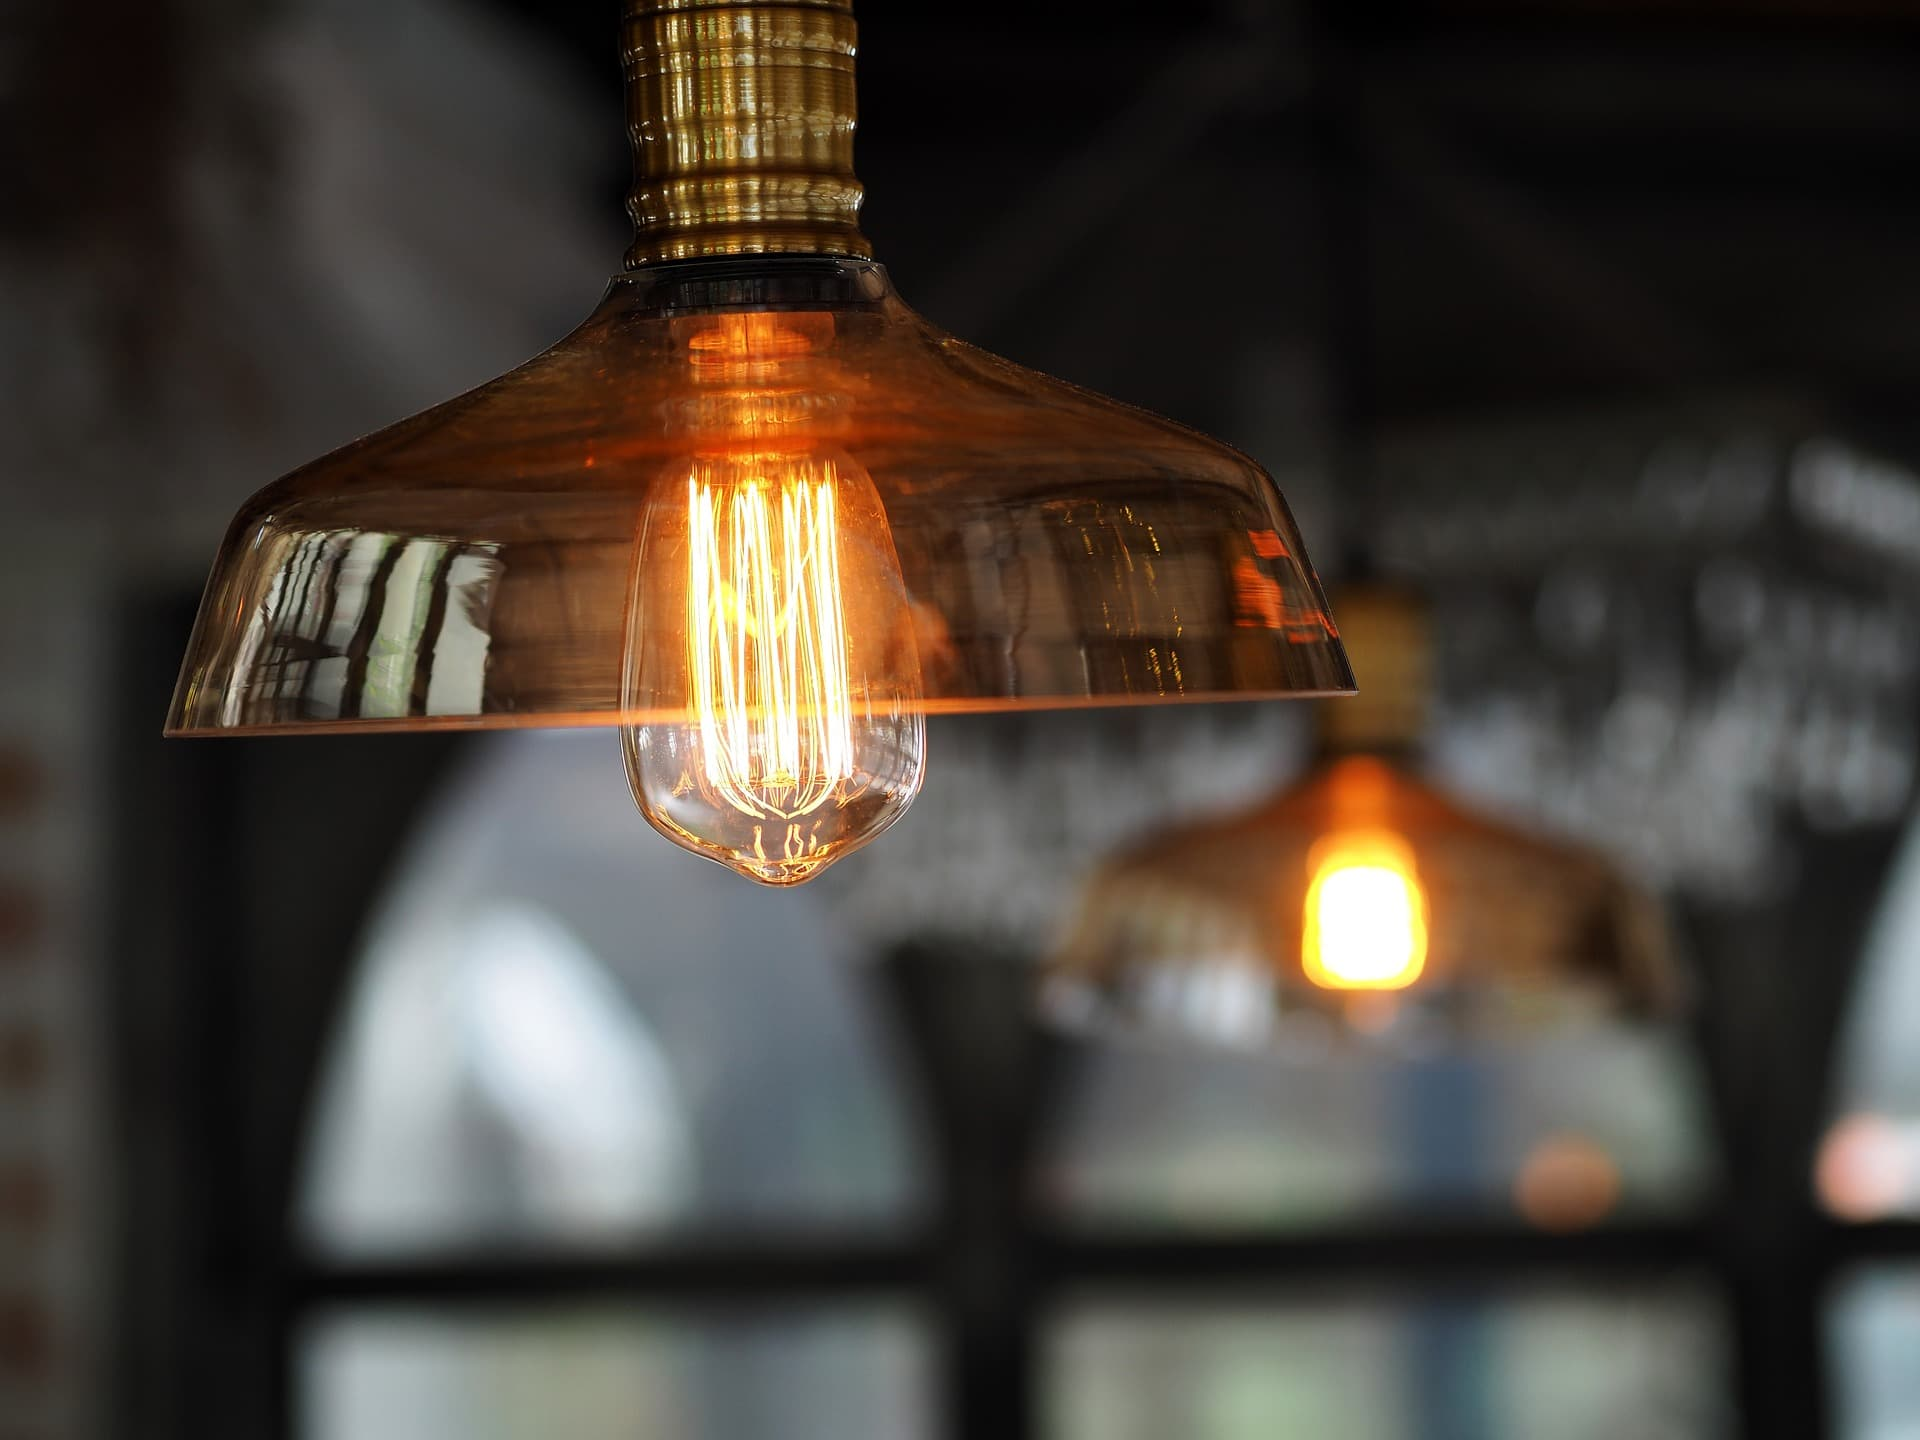 Lámparas de noche, ilumina tu dormitorio de forma barata y sencilla